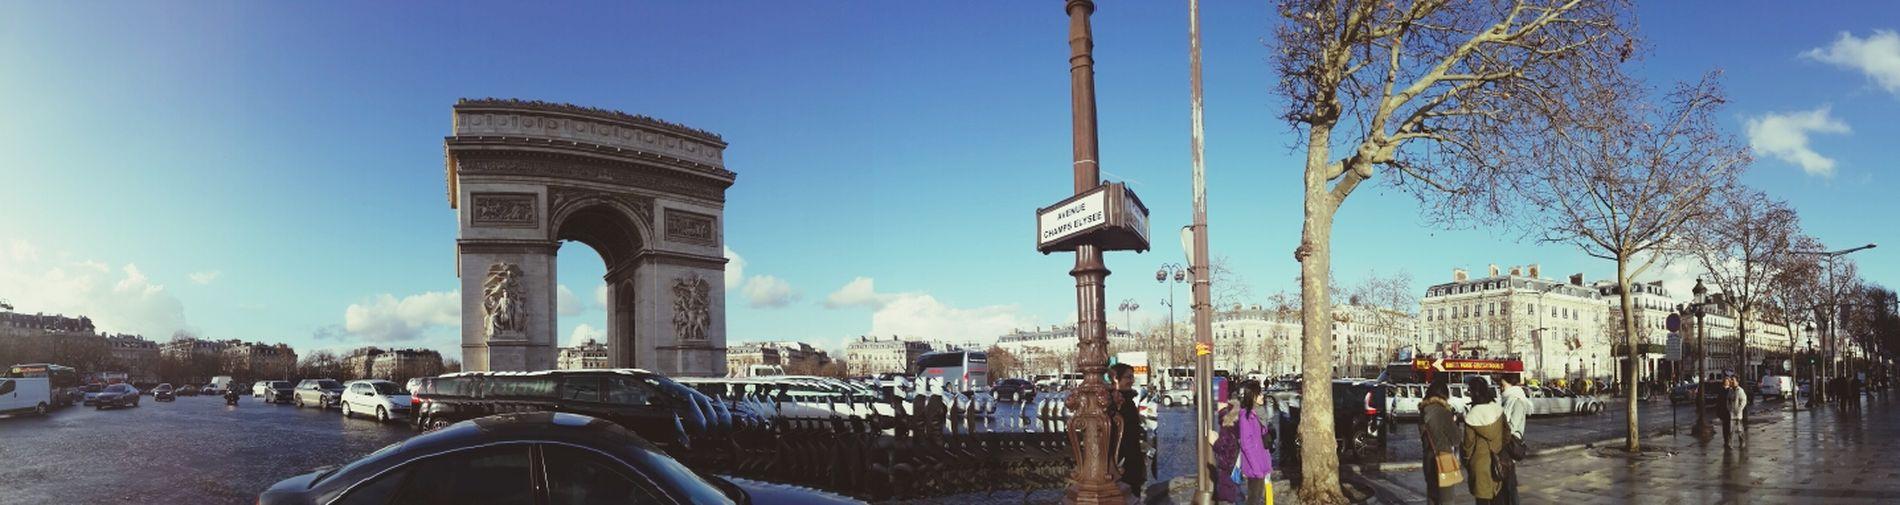 Paris Arch Of Triumph Travel